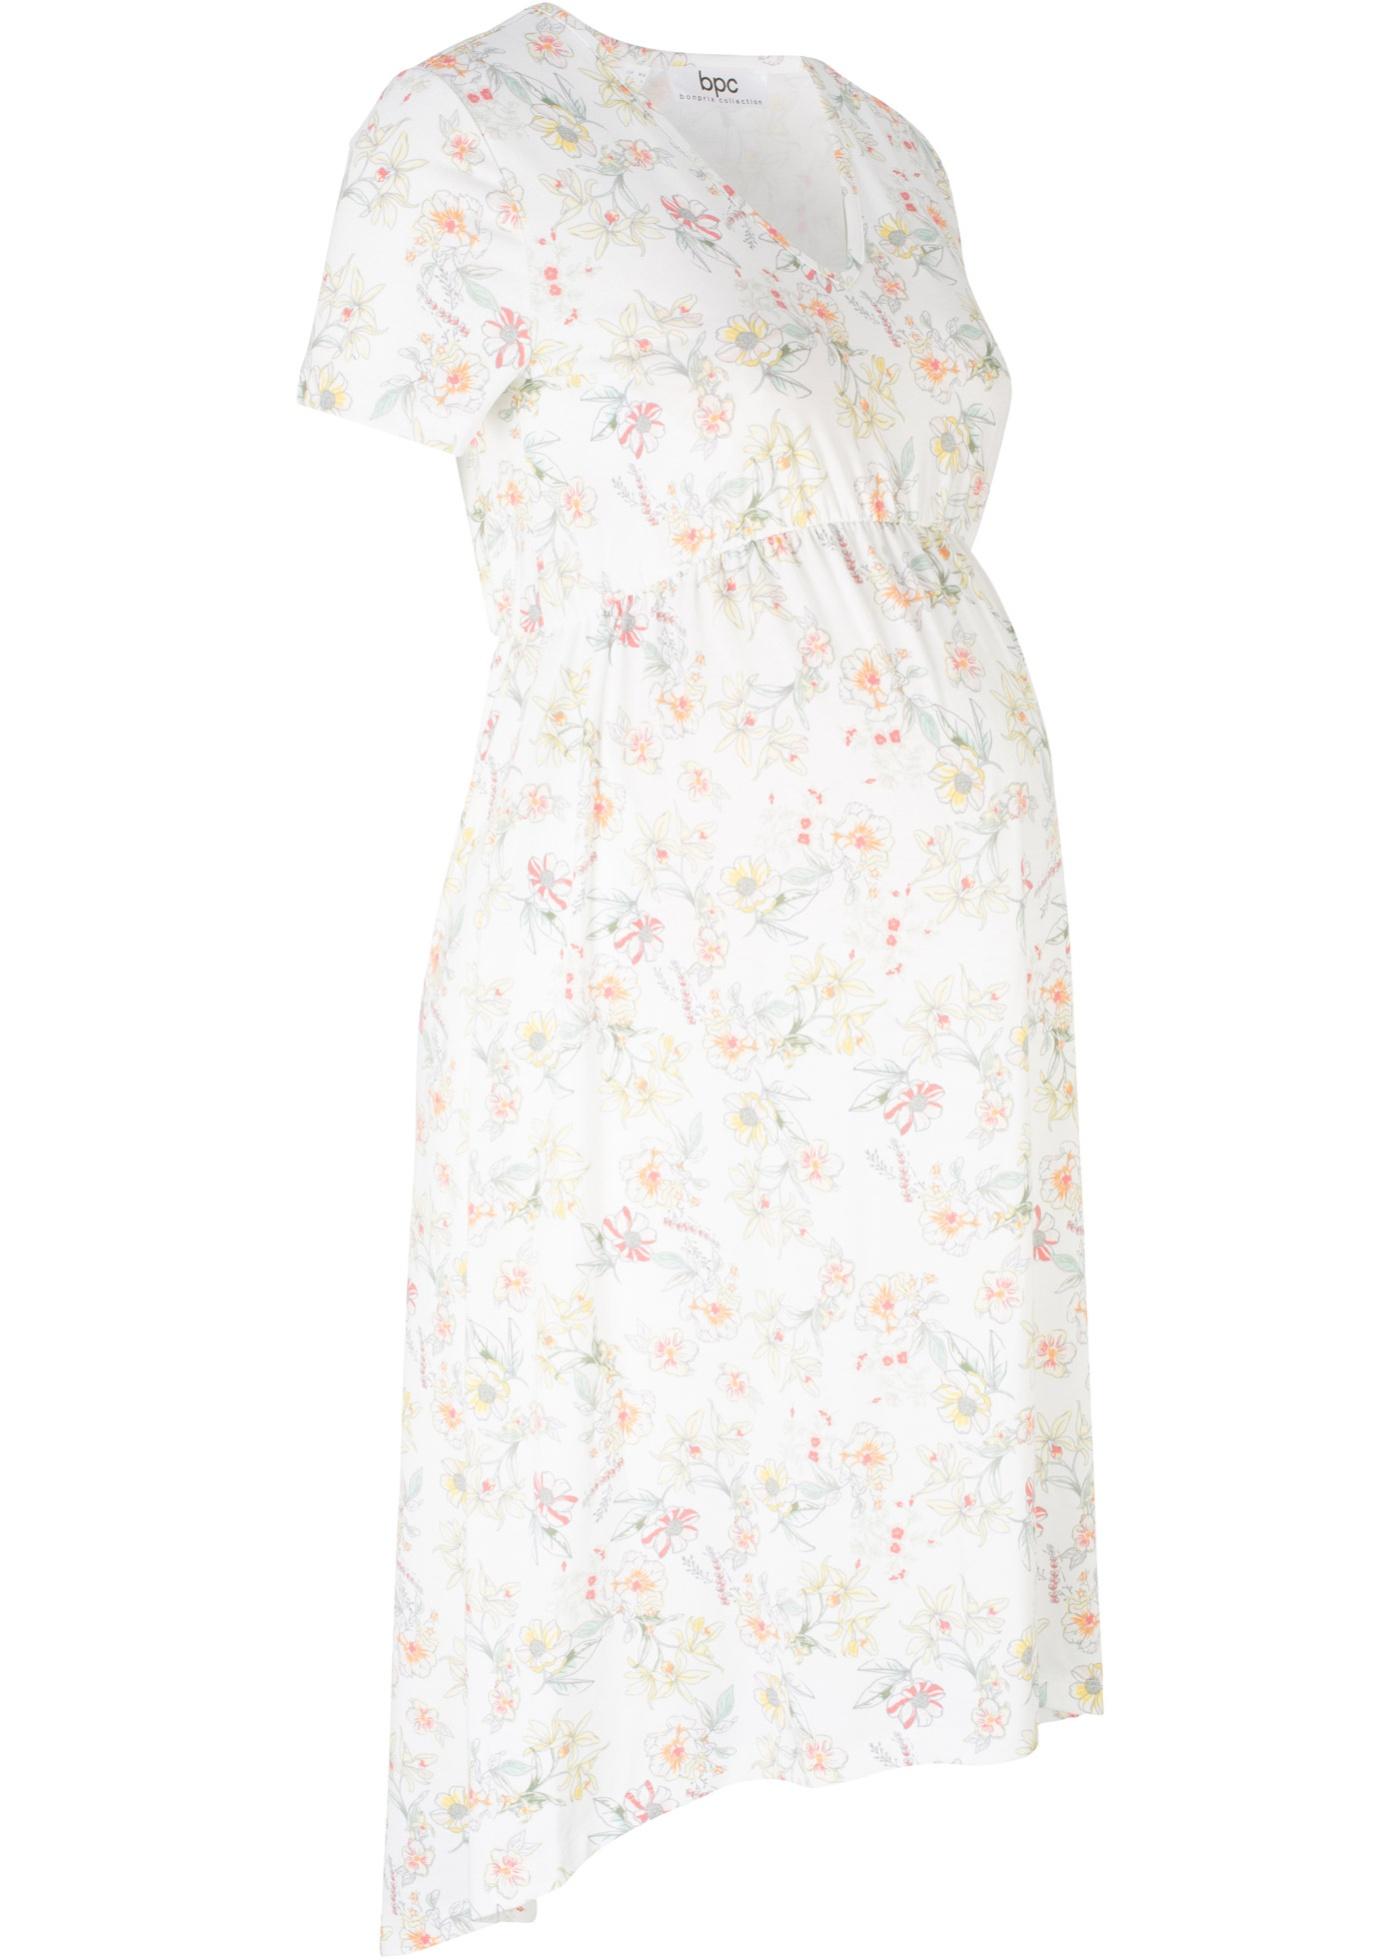 GrossesseImprimé Bonprix De CollectionRobe Blanc Pour Femme Floral Bpc Mancherons YbmyIgf76v